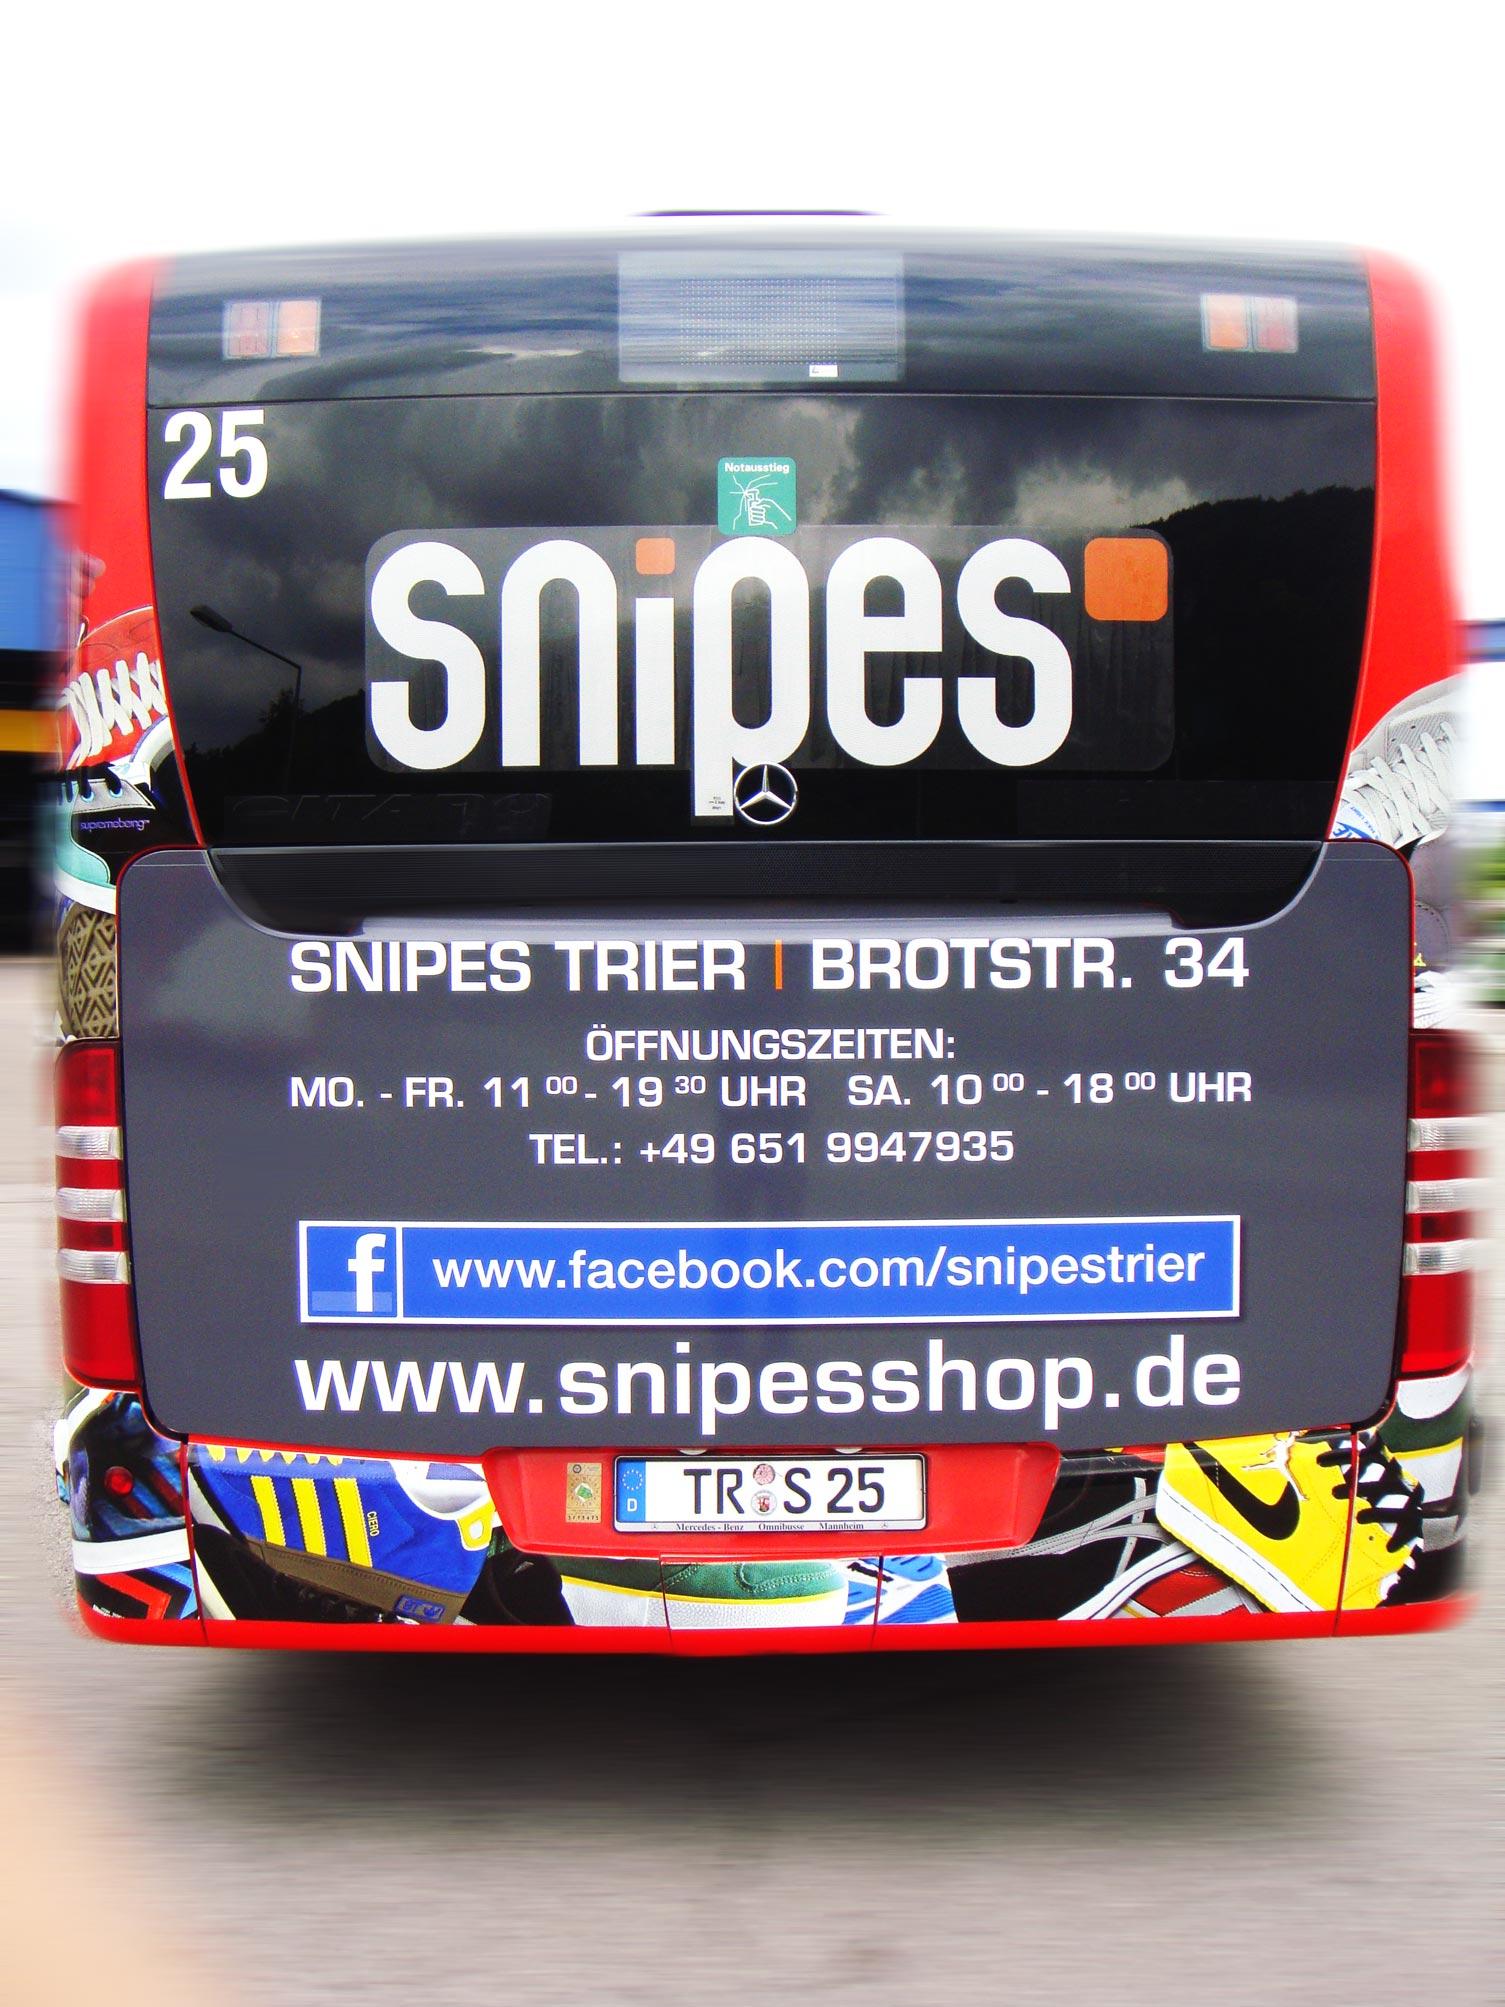 snipes trier